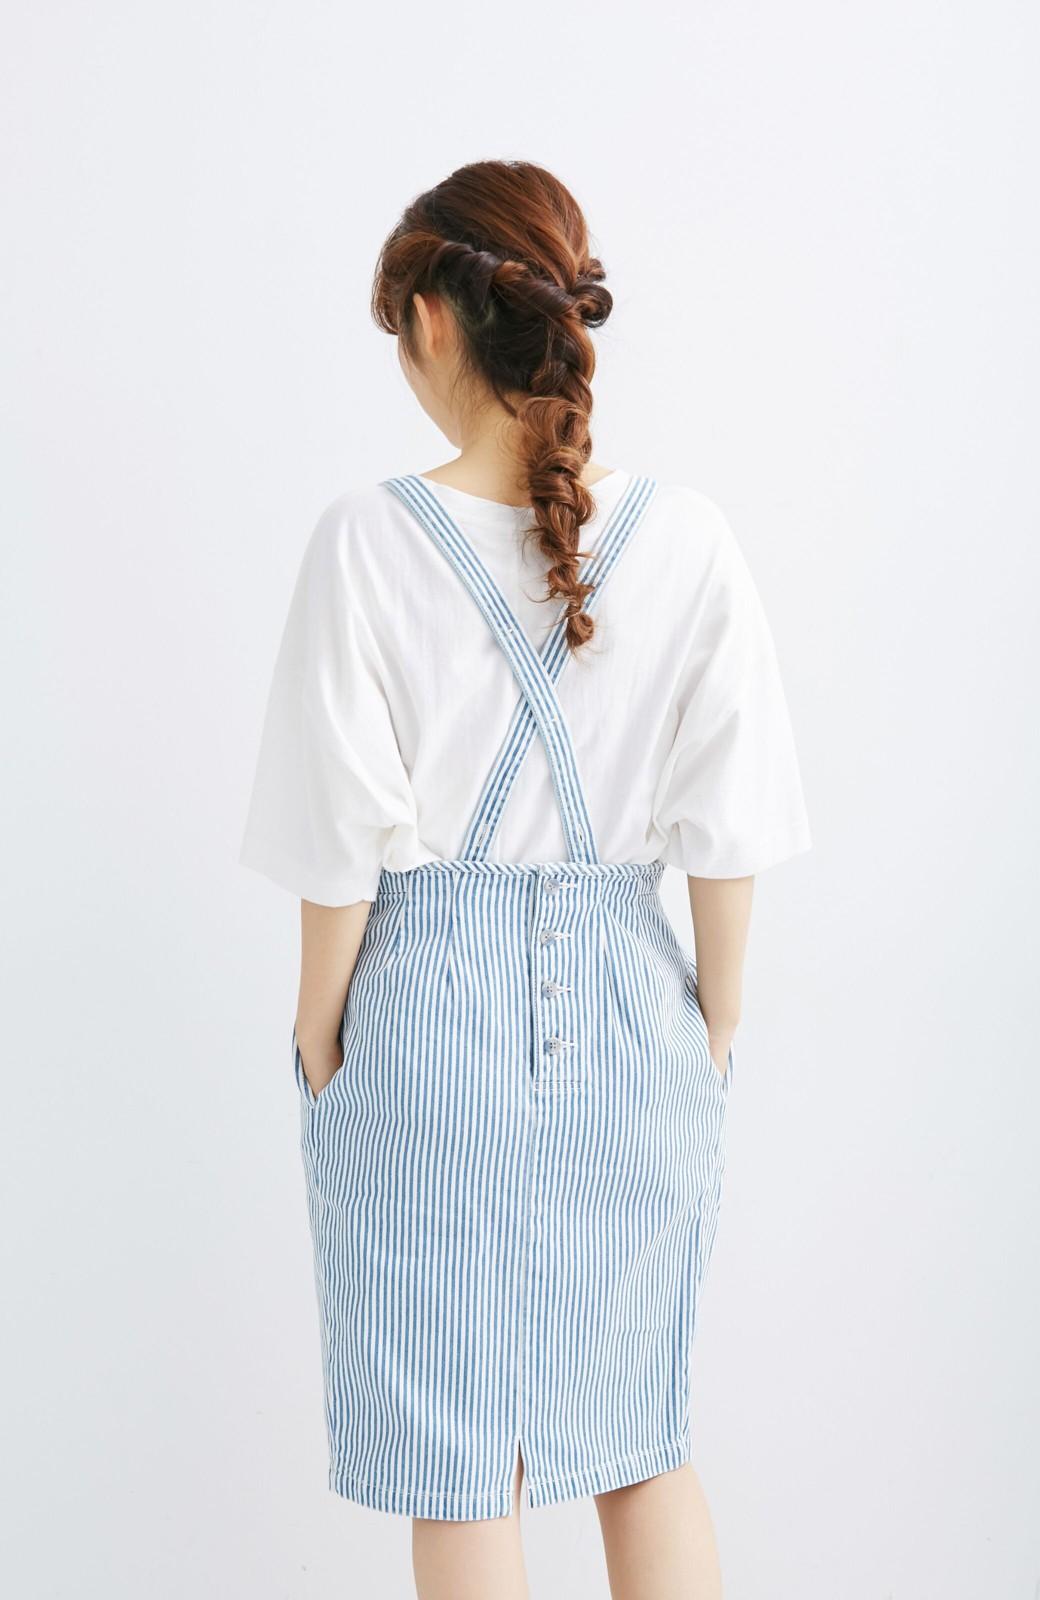 nusy ヒッコリー素材のサスペンダー付きハイウエストスカート <ブルー系その他>の商品写真8